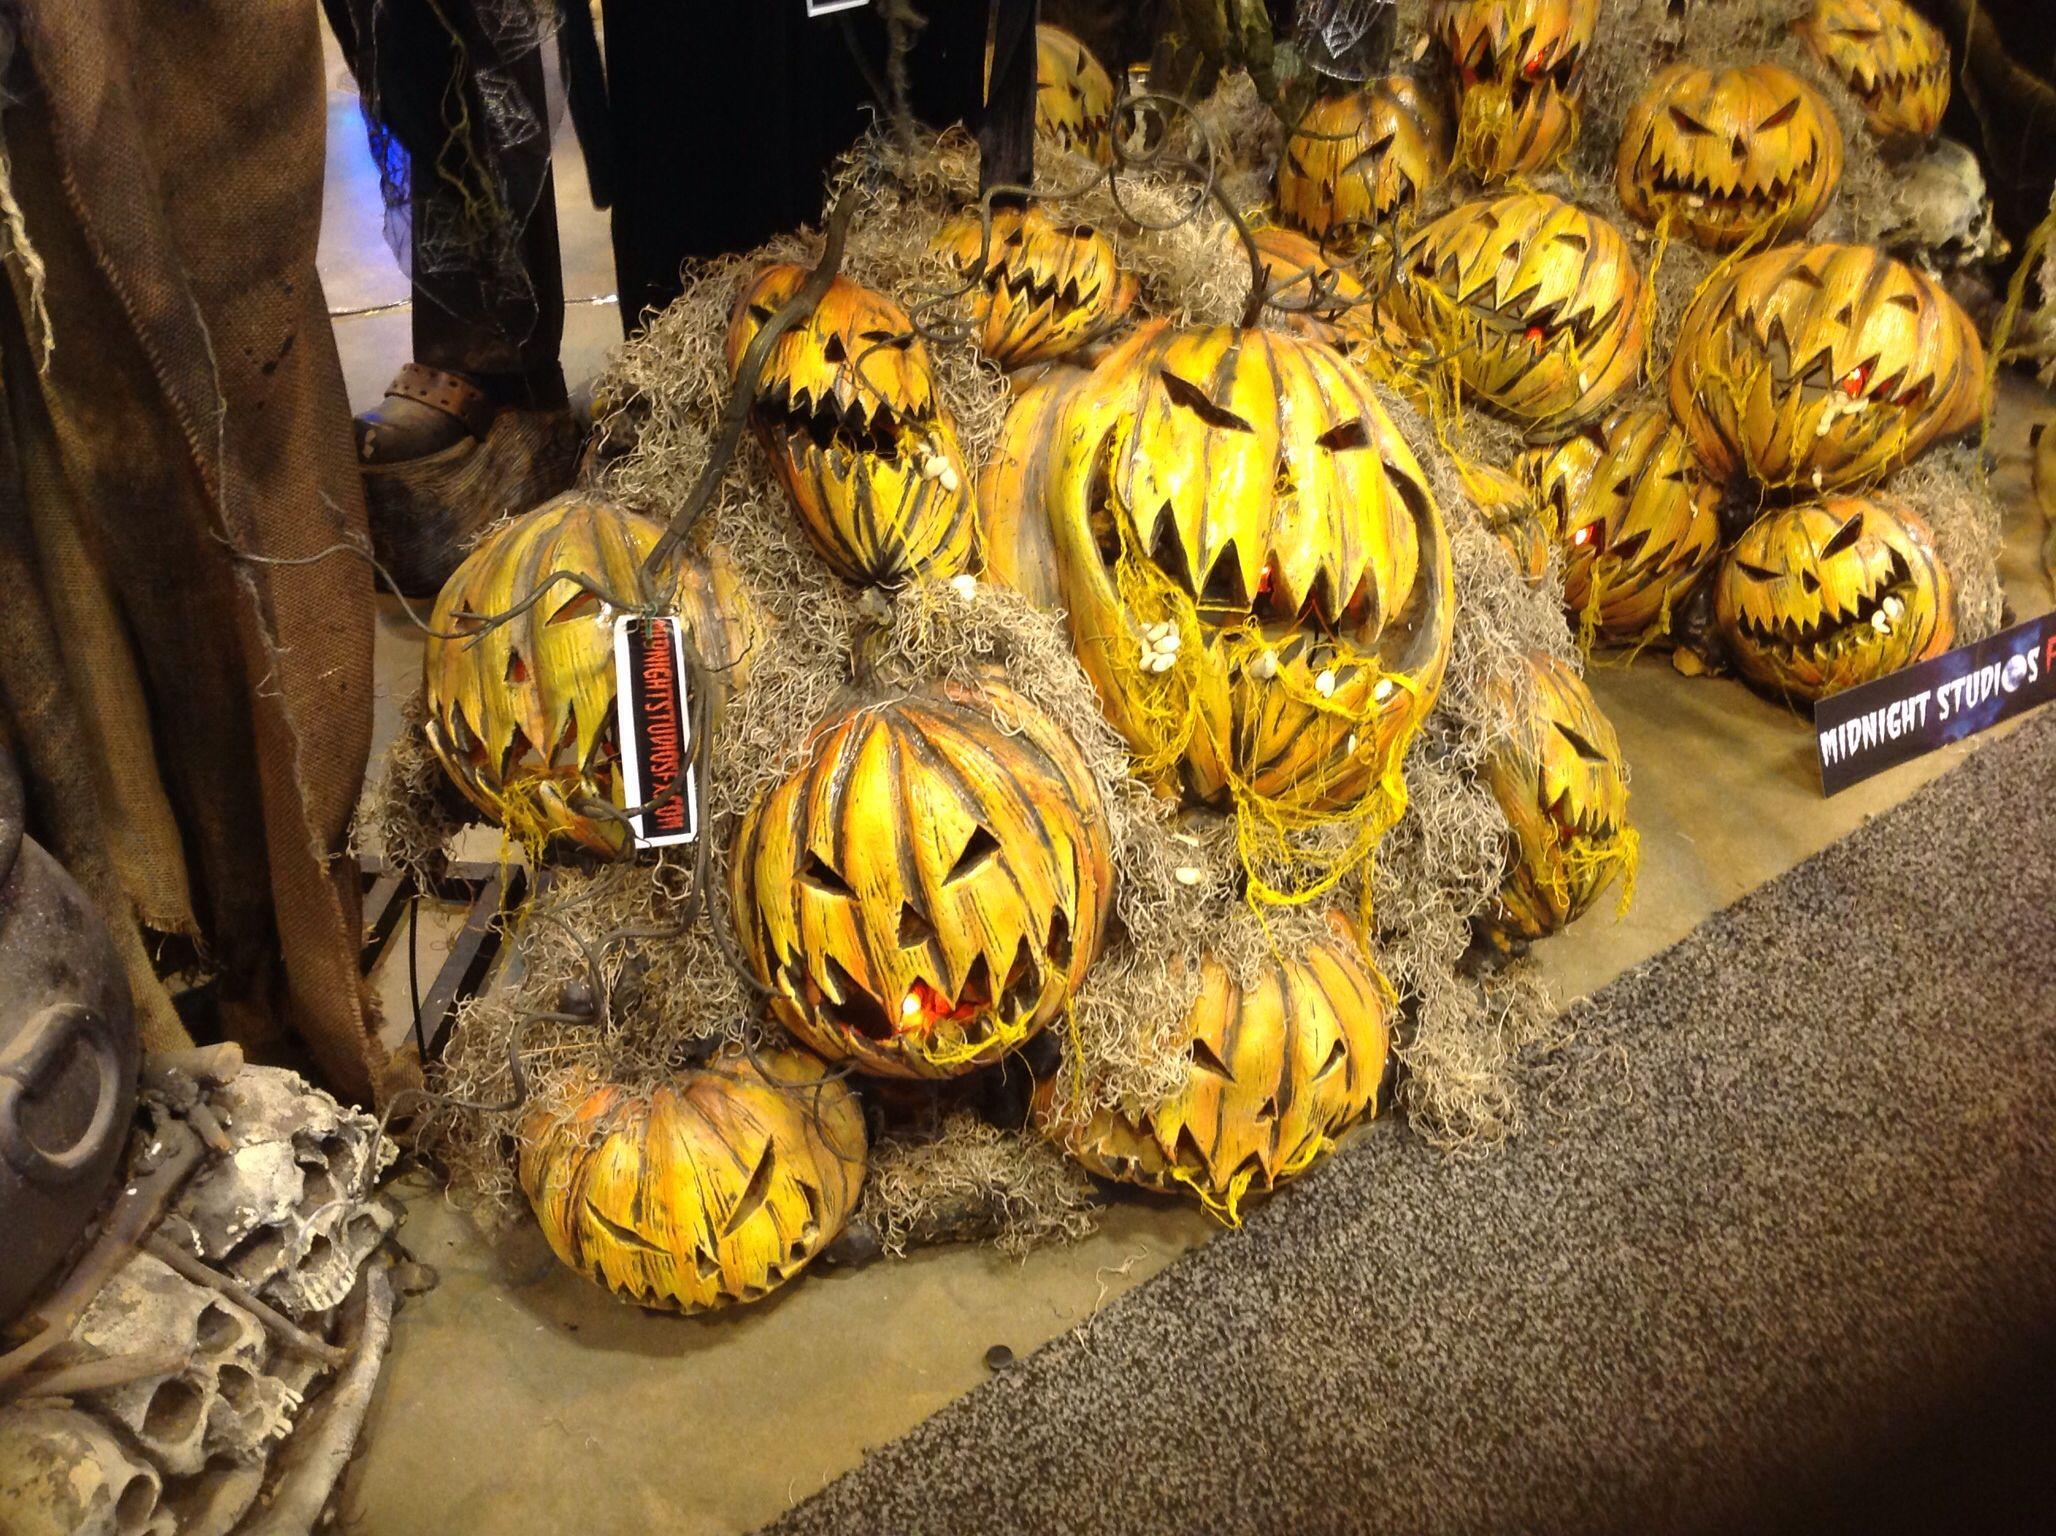 Halloween Pumpkin Patch Display Idea For Yard Haunt Decor Scary Halloween Halloween Outdoor Decorations Halloween Yard